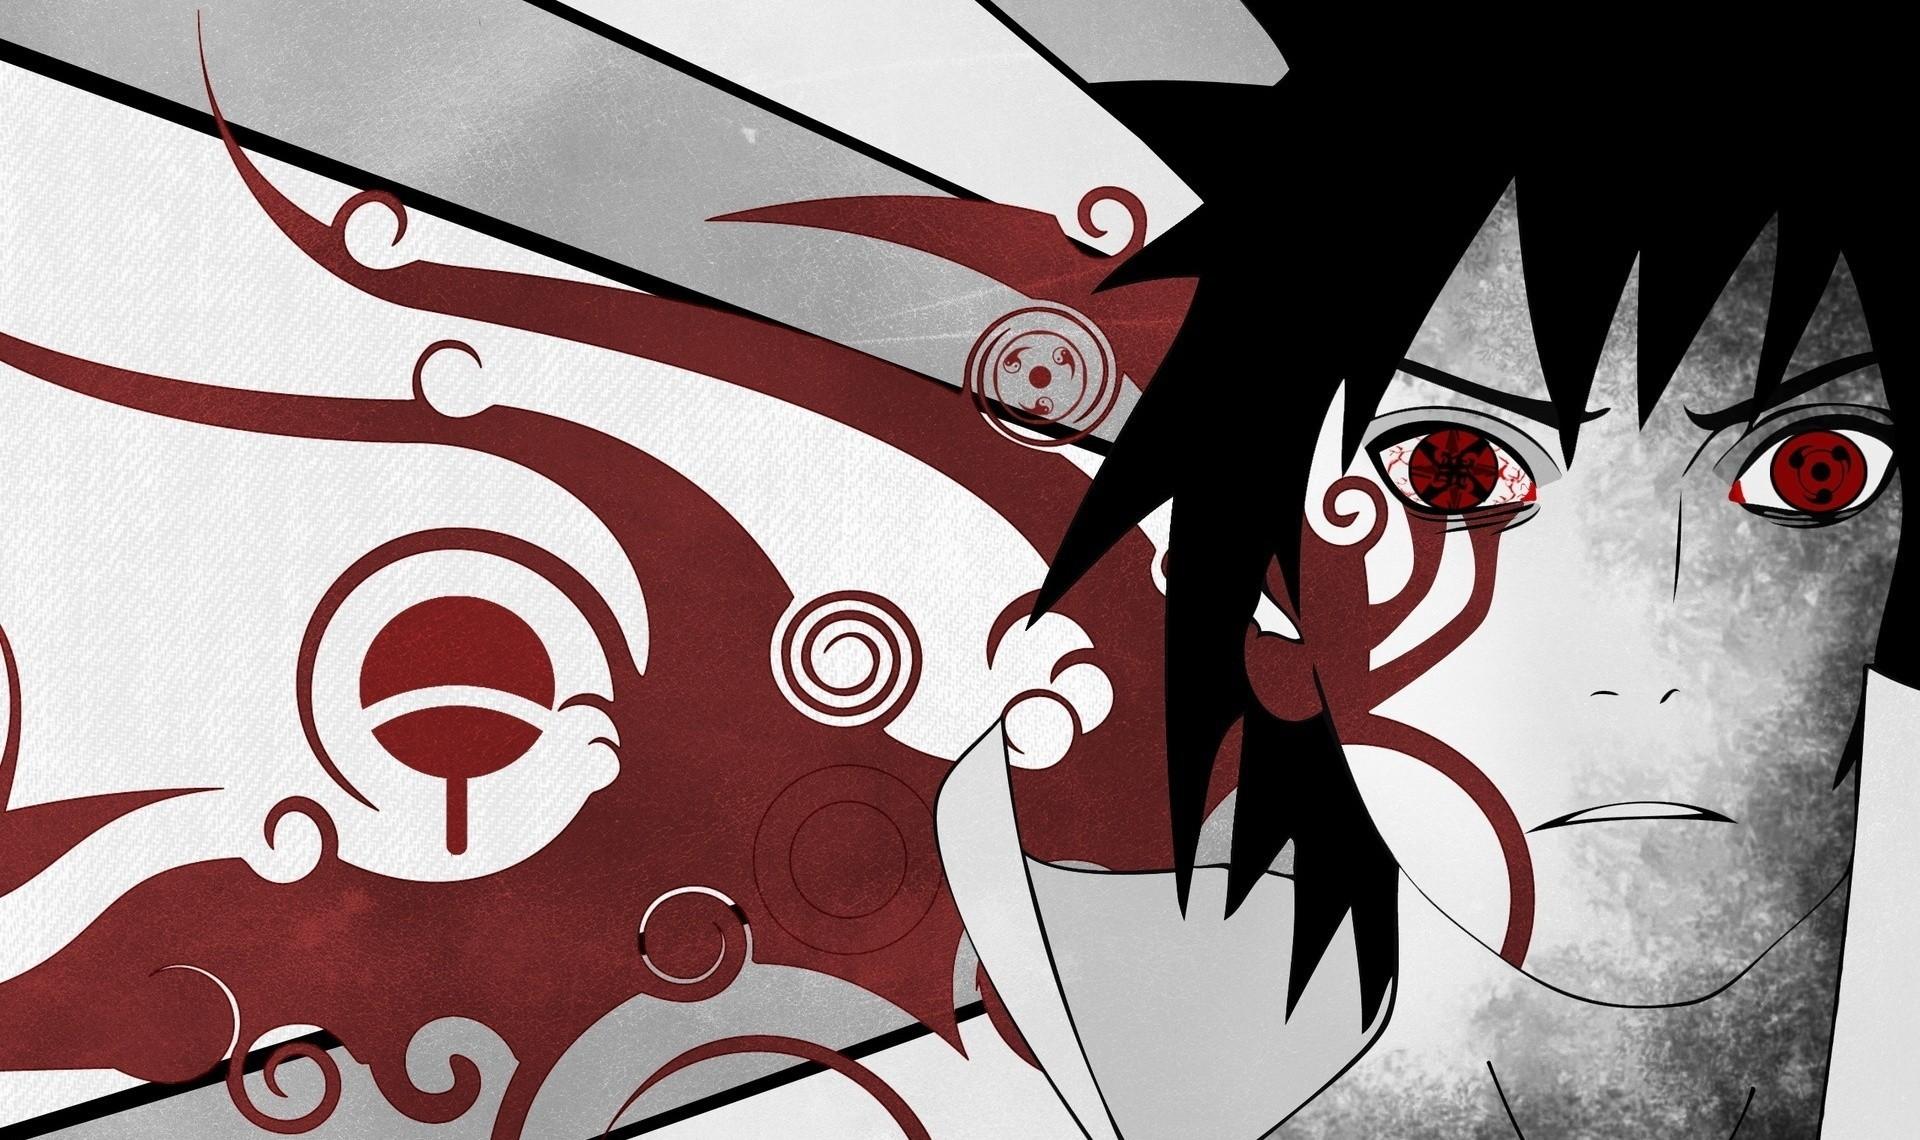 Selective Coloring, Sharingan, Uchiha Sasuke, Naruto